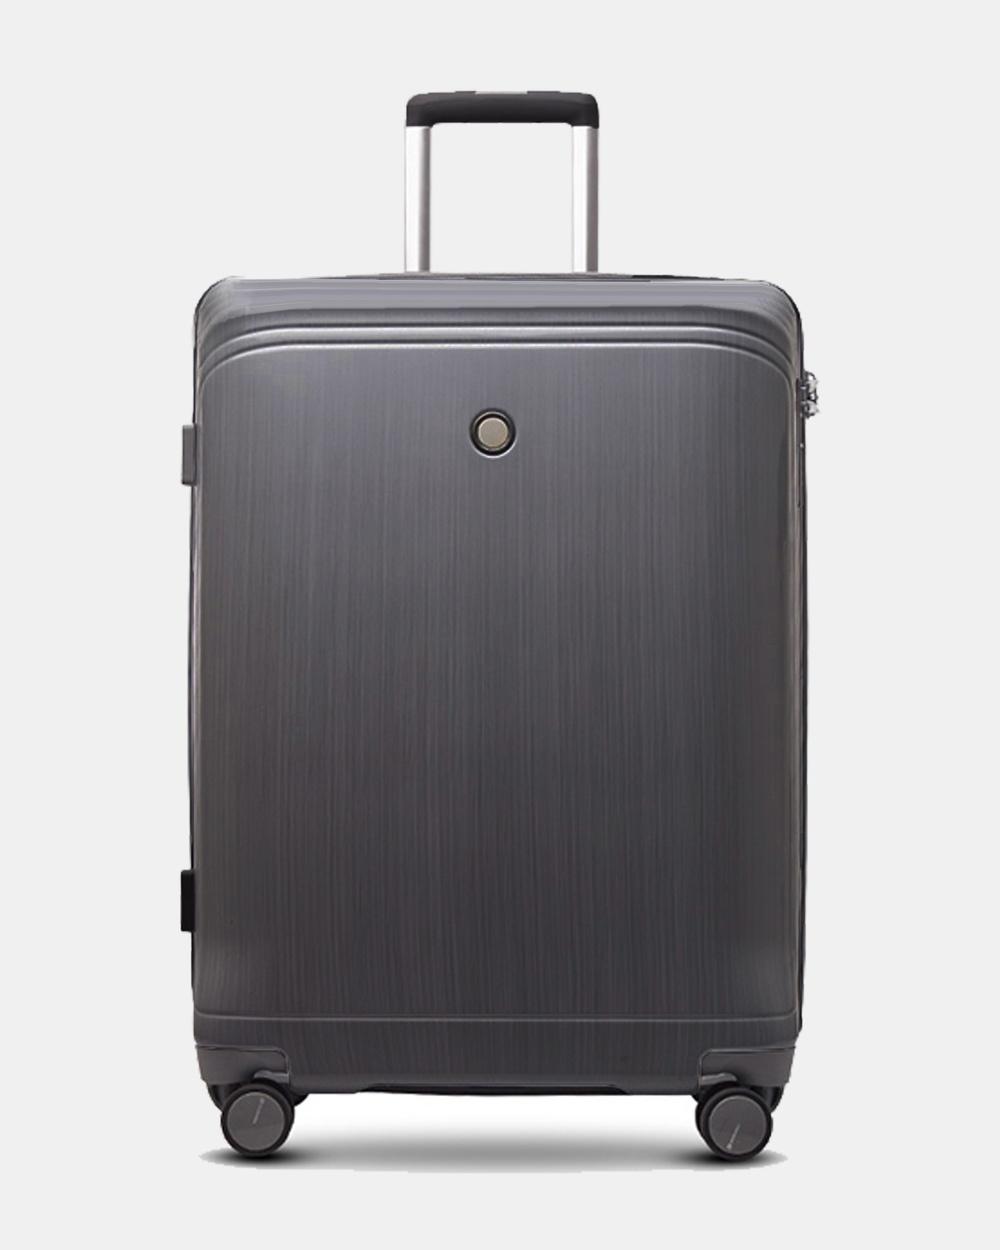 Echolac Japan Singapore Medium Hard Side Case Travel and Luggage BLACK